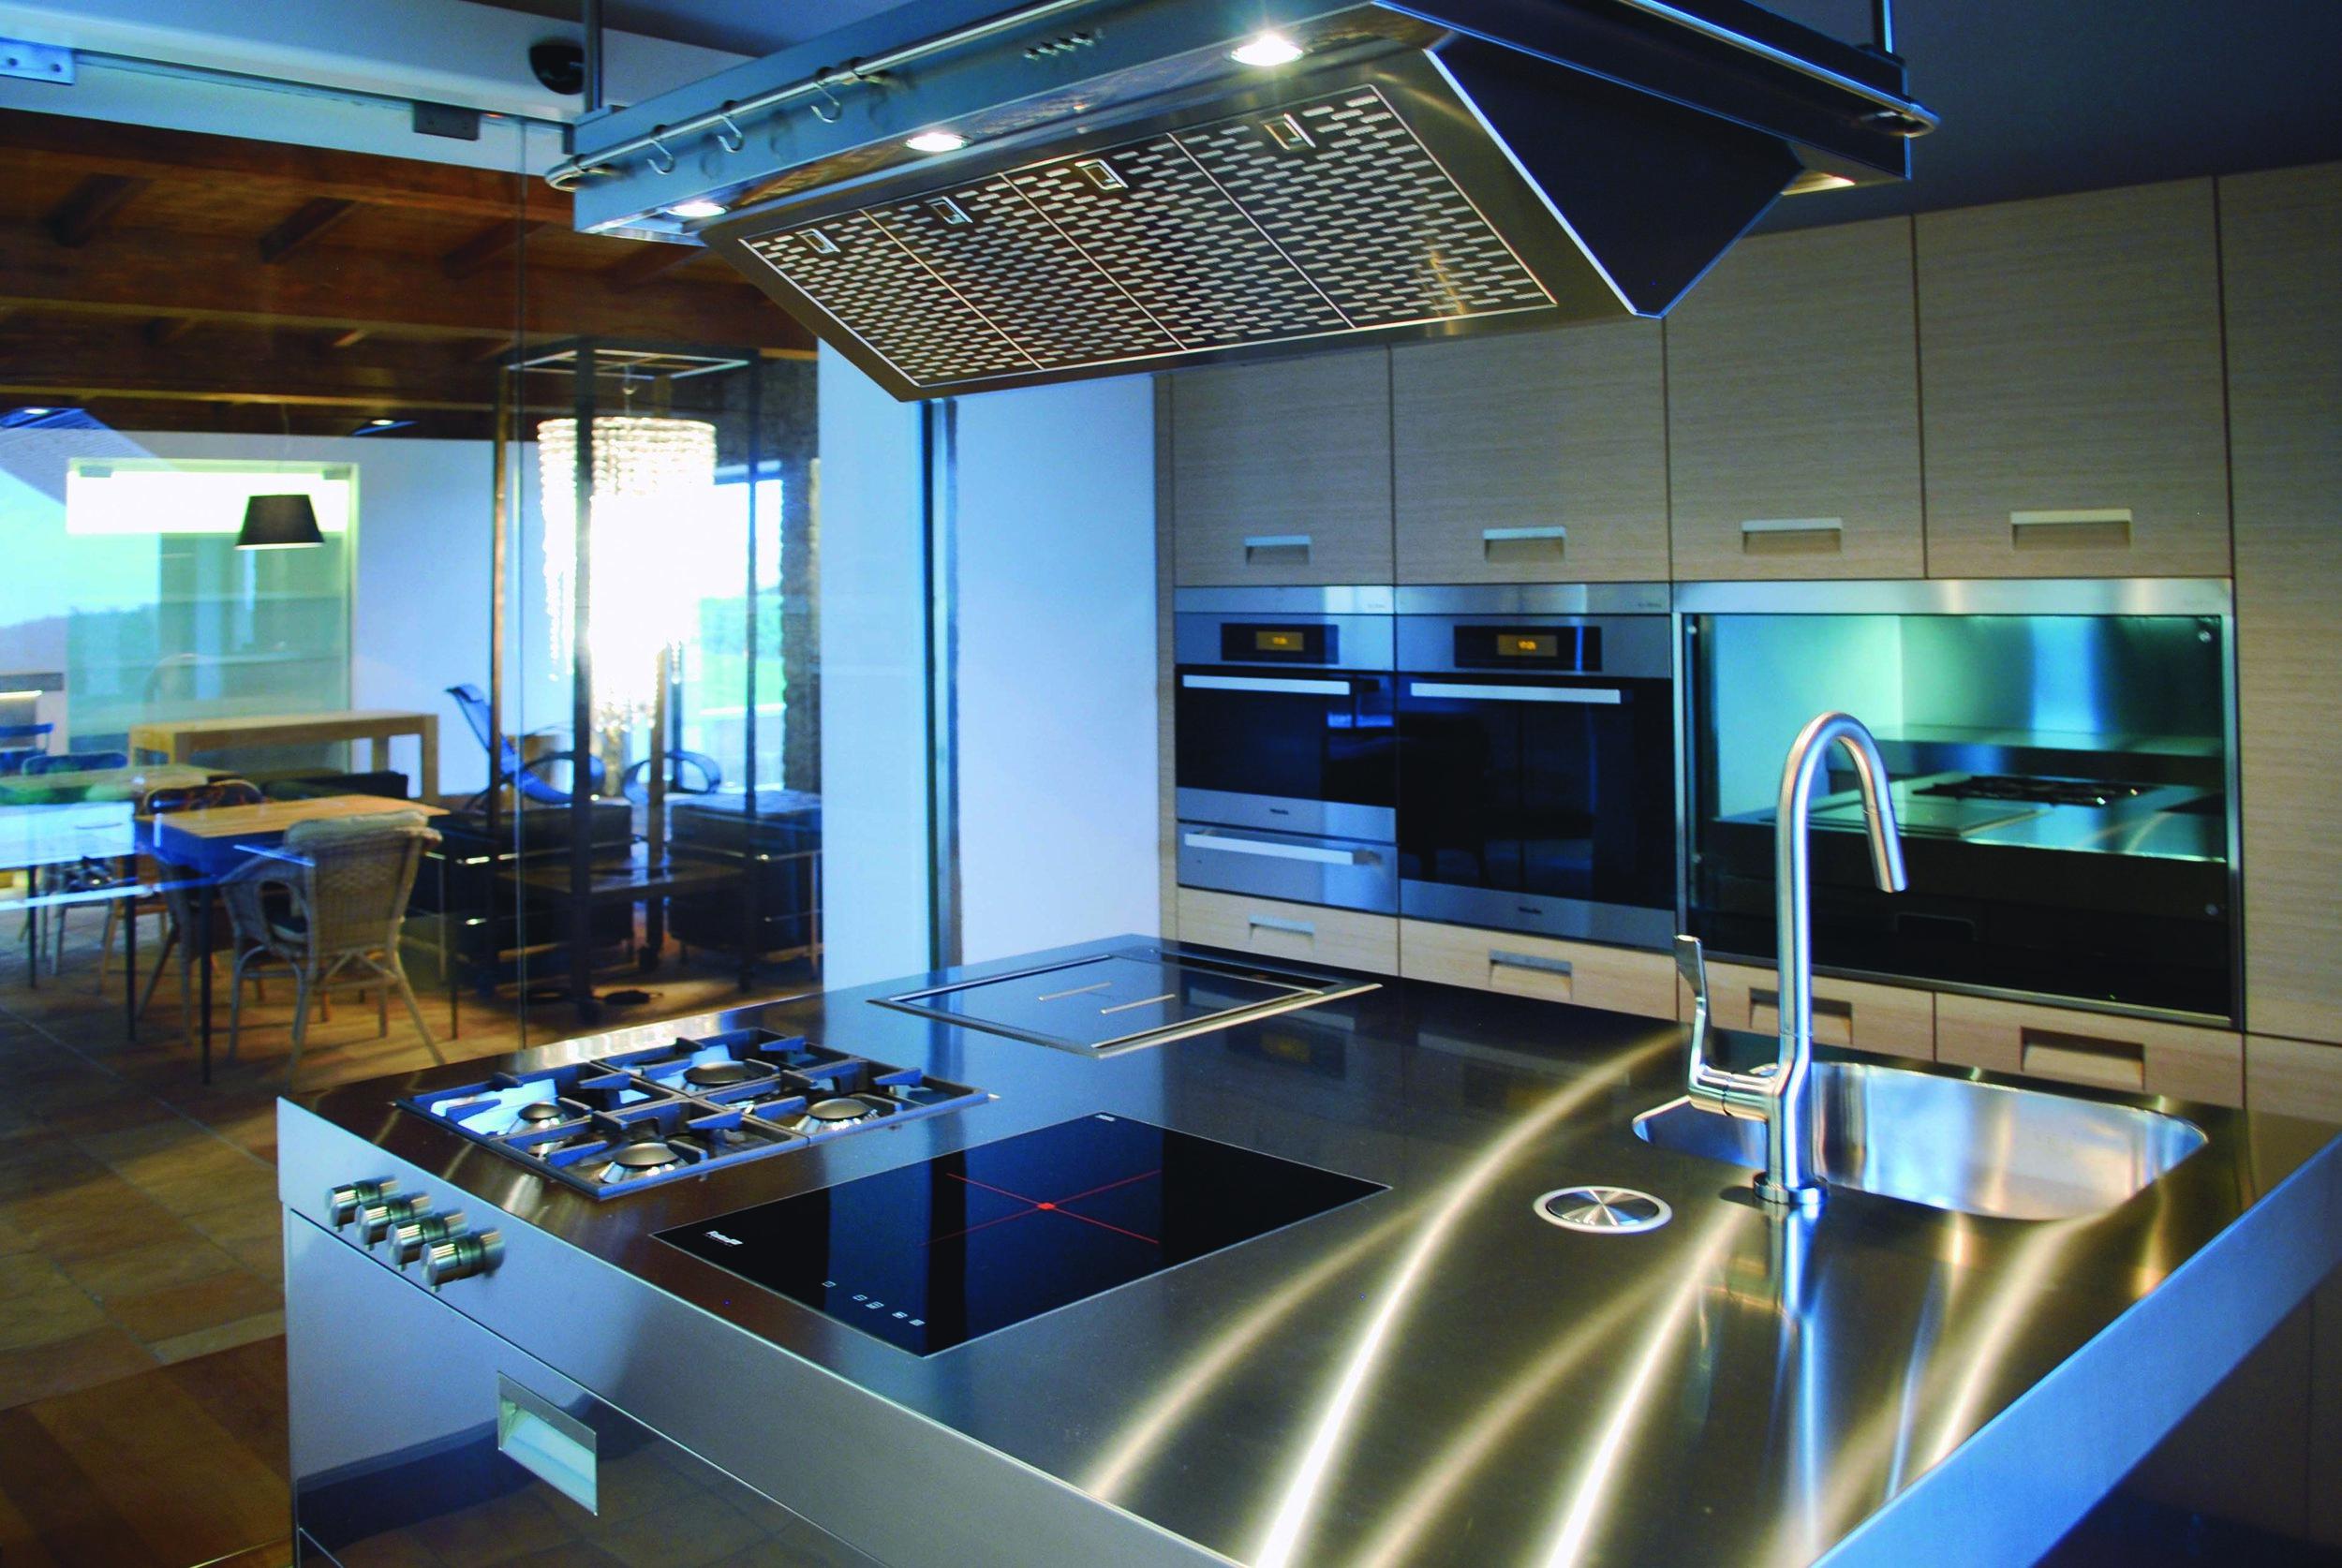 LAPIANTATA-cucina2.jpg